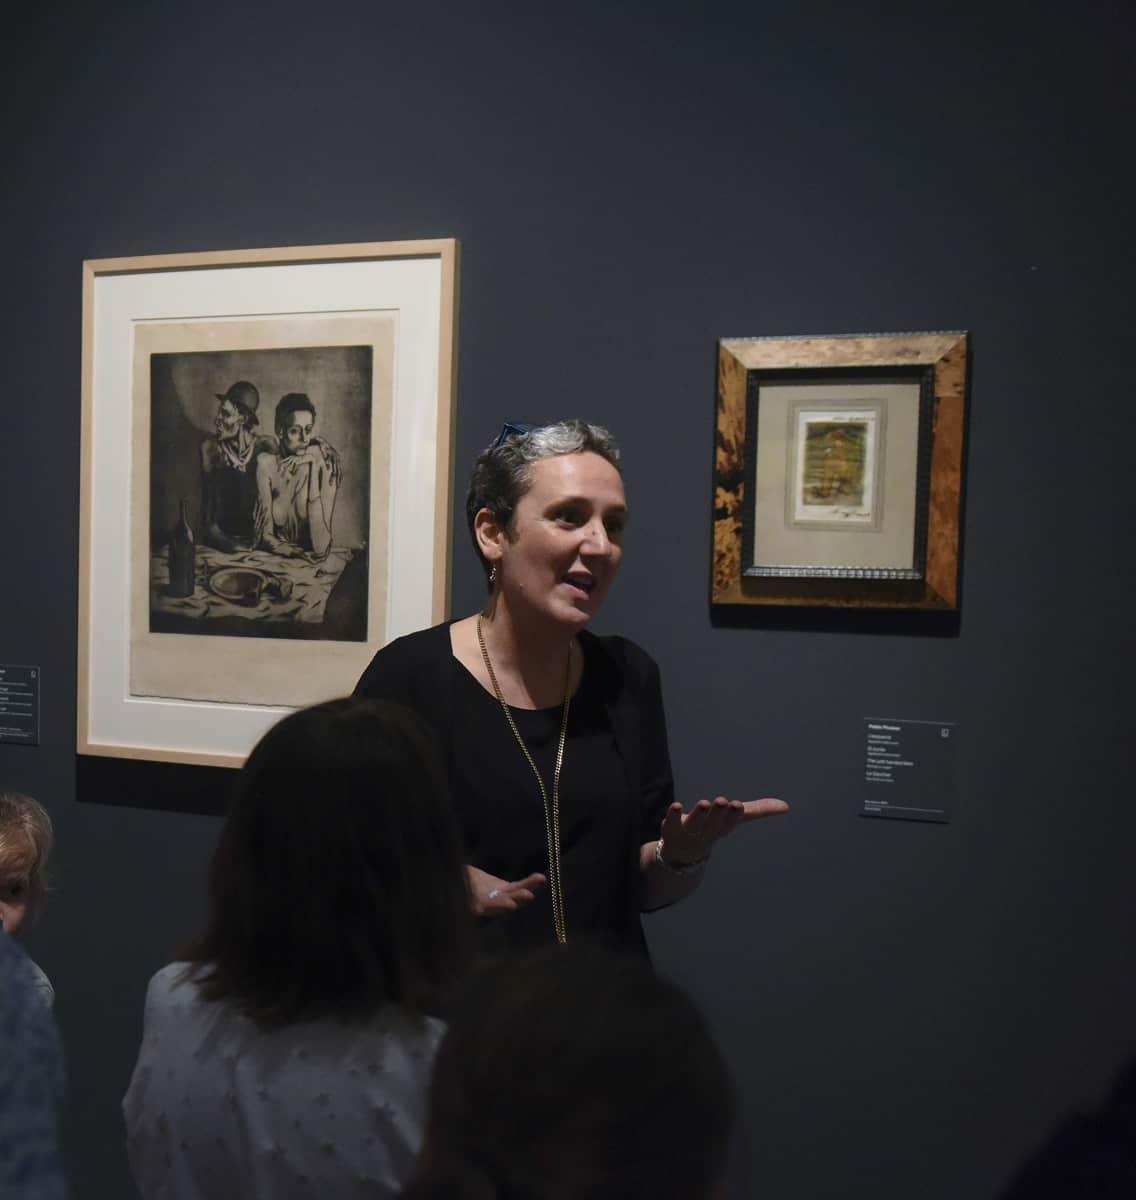 Les visites de Marta, musée Picasso, Barcelone